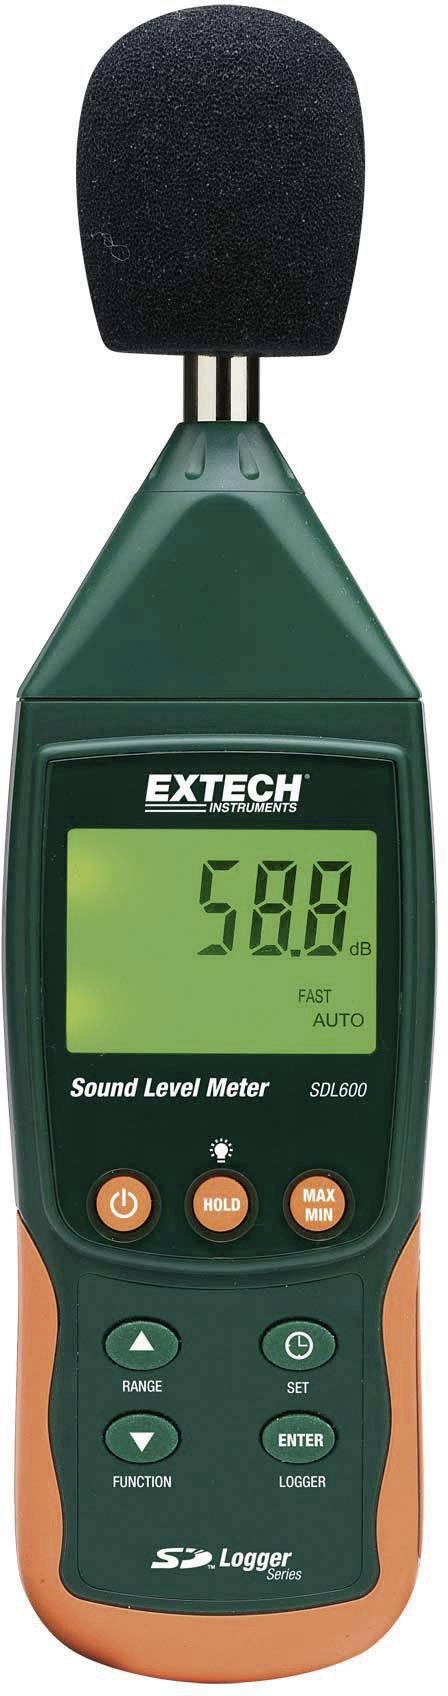 Digitálny hlukomer so záznamom na SD kartu Extech SDL600